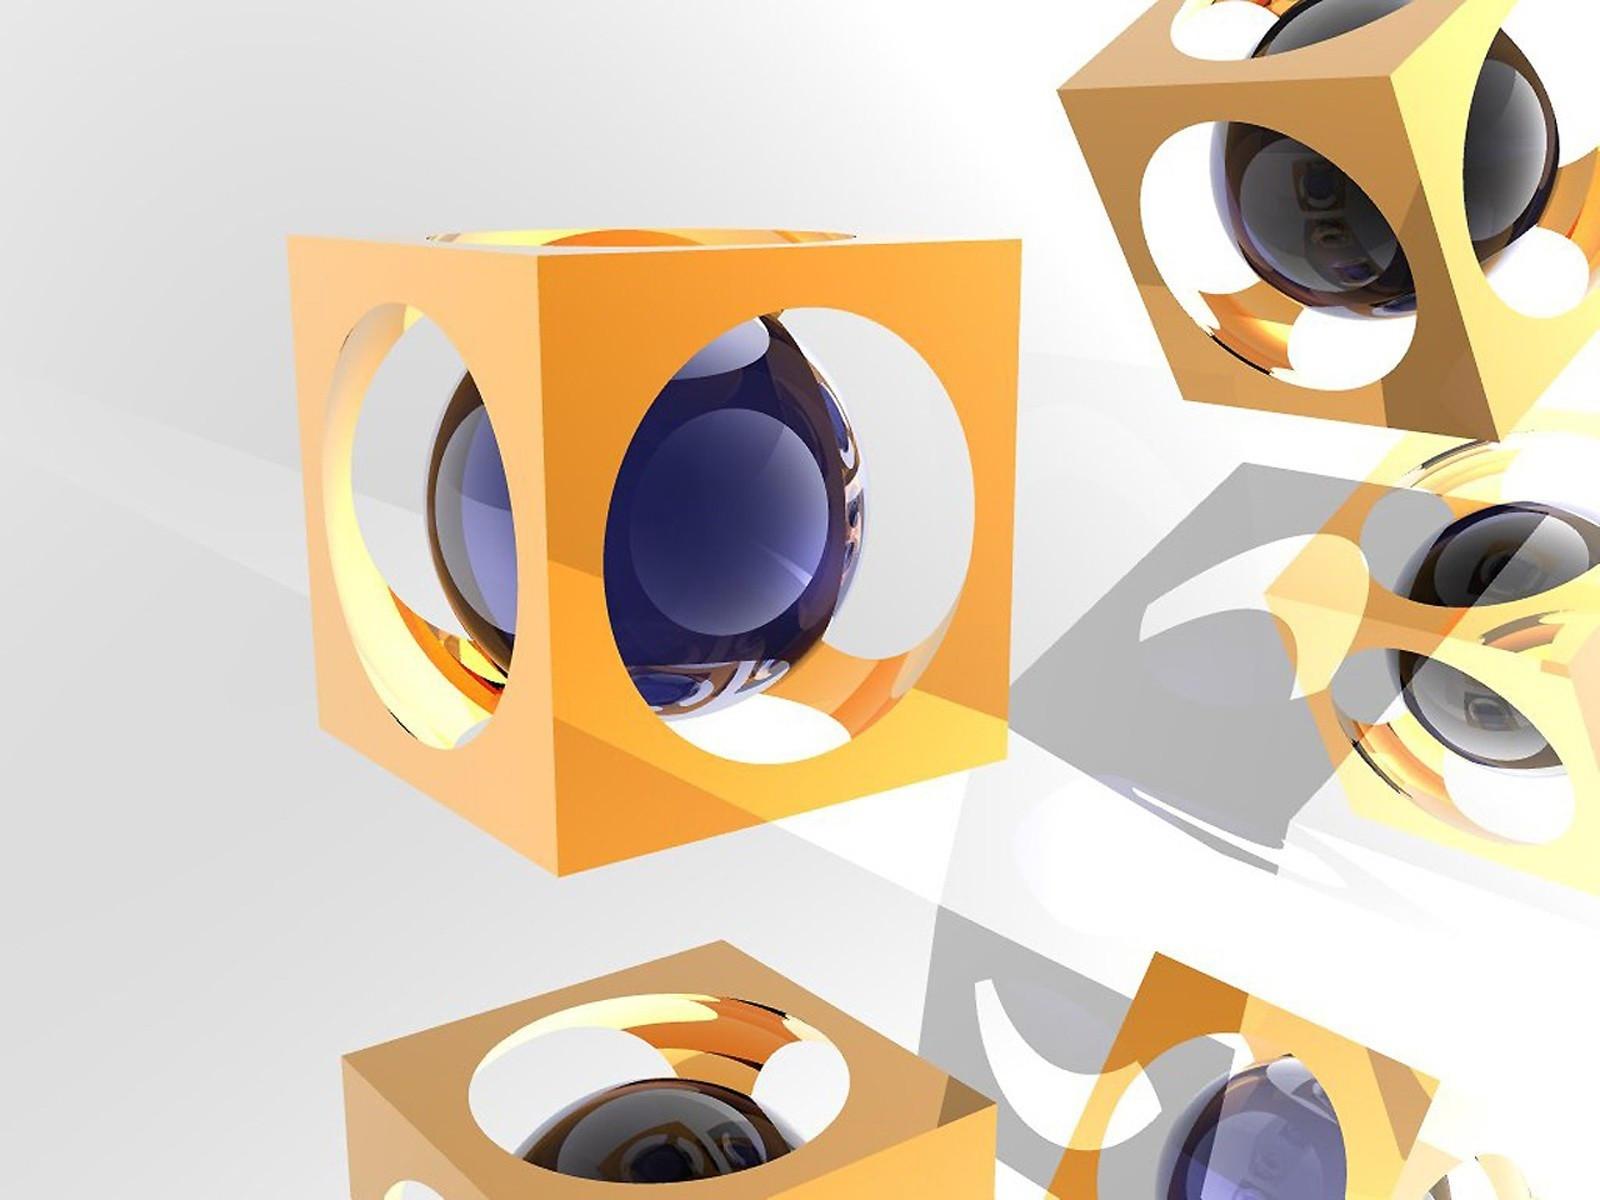 Фото 7.. Нажмите на картинку с абстрактными обоями, чтобы просмотреть ее в реальном размере